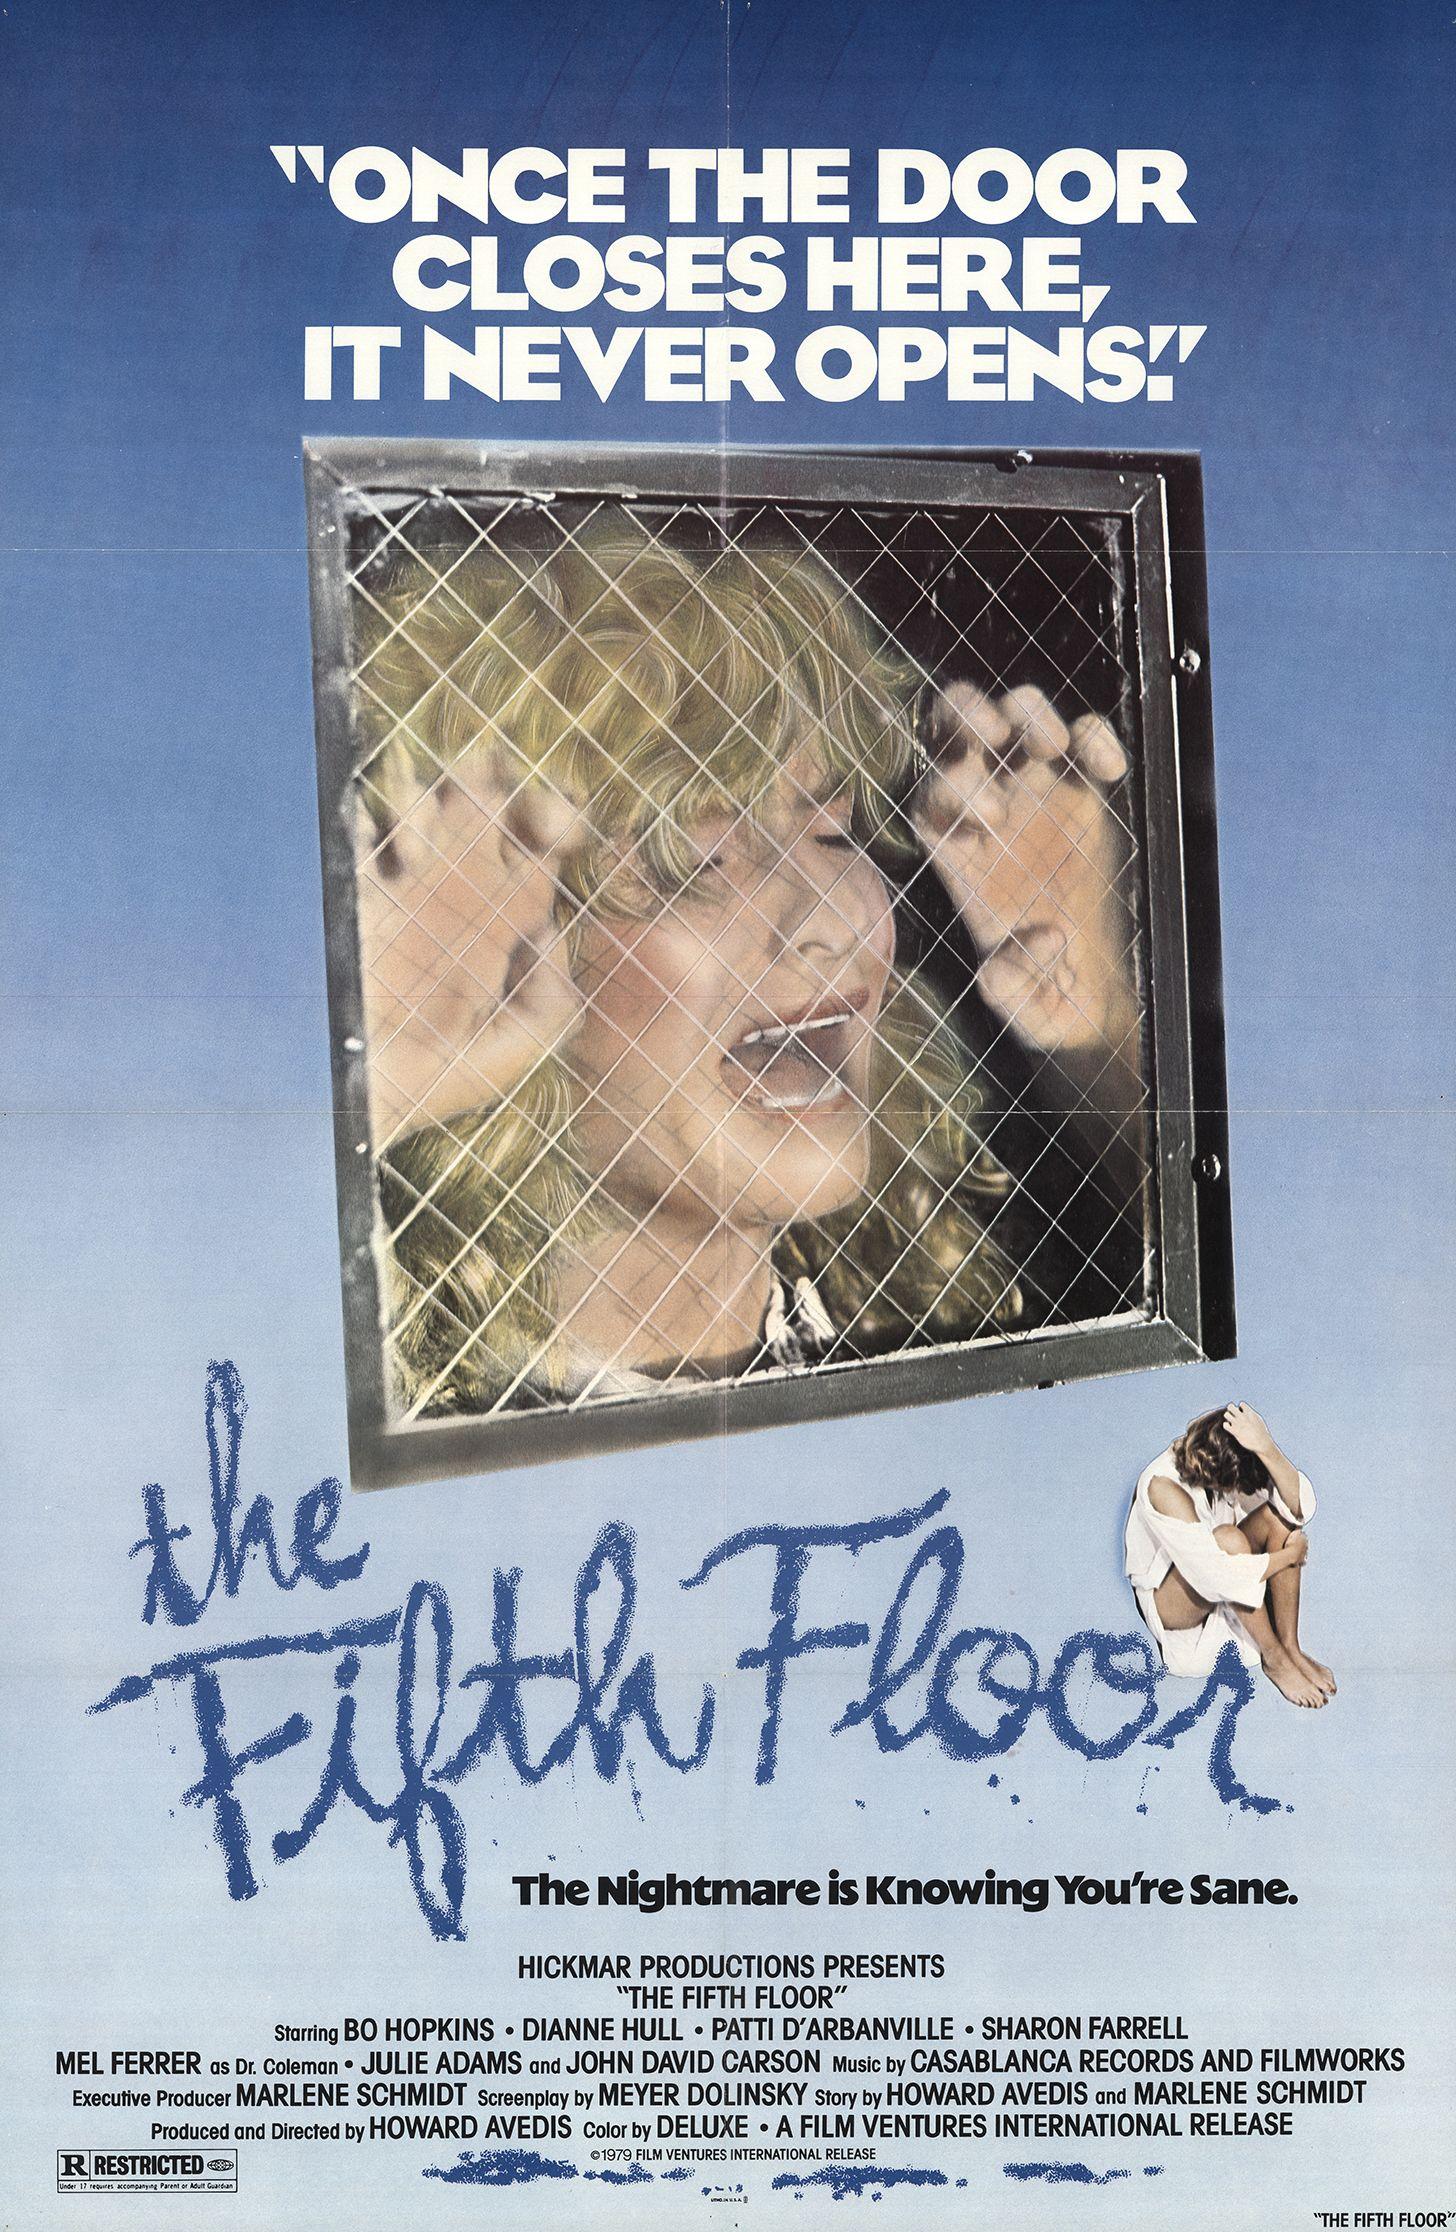 The Fifth Floor (1978) - IMDb